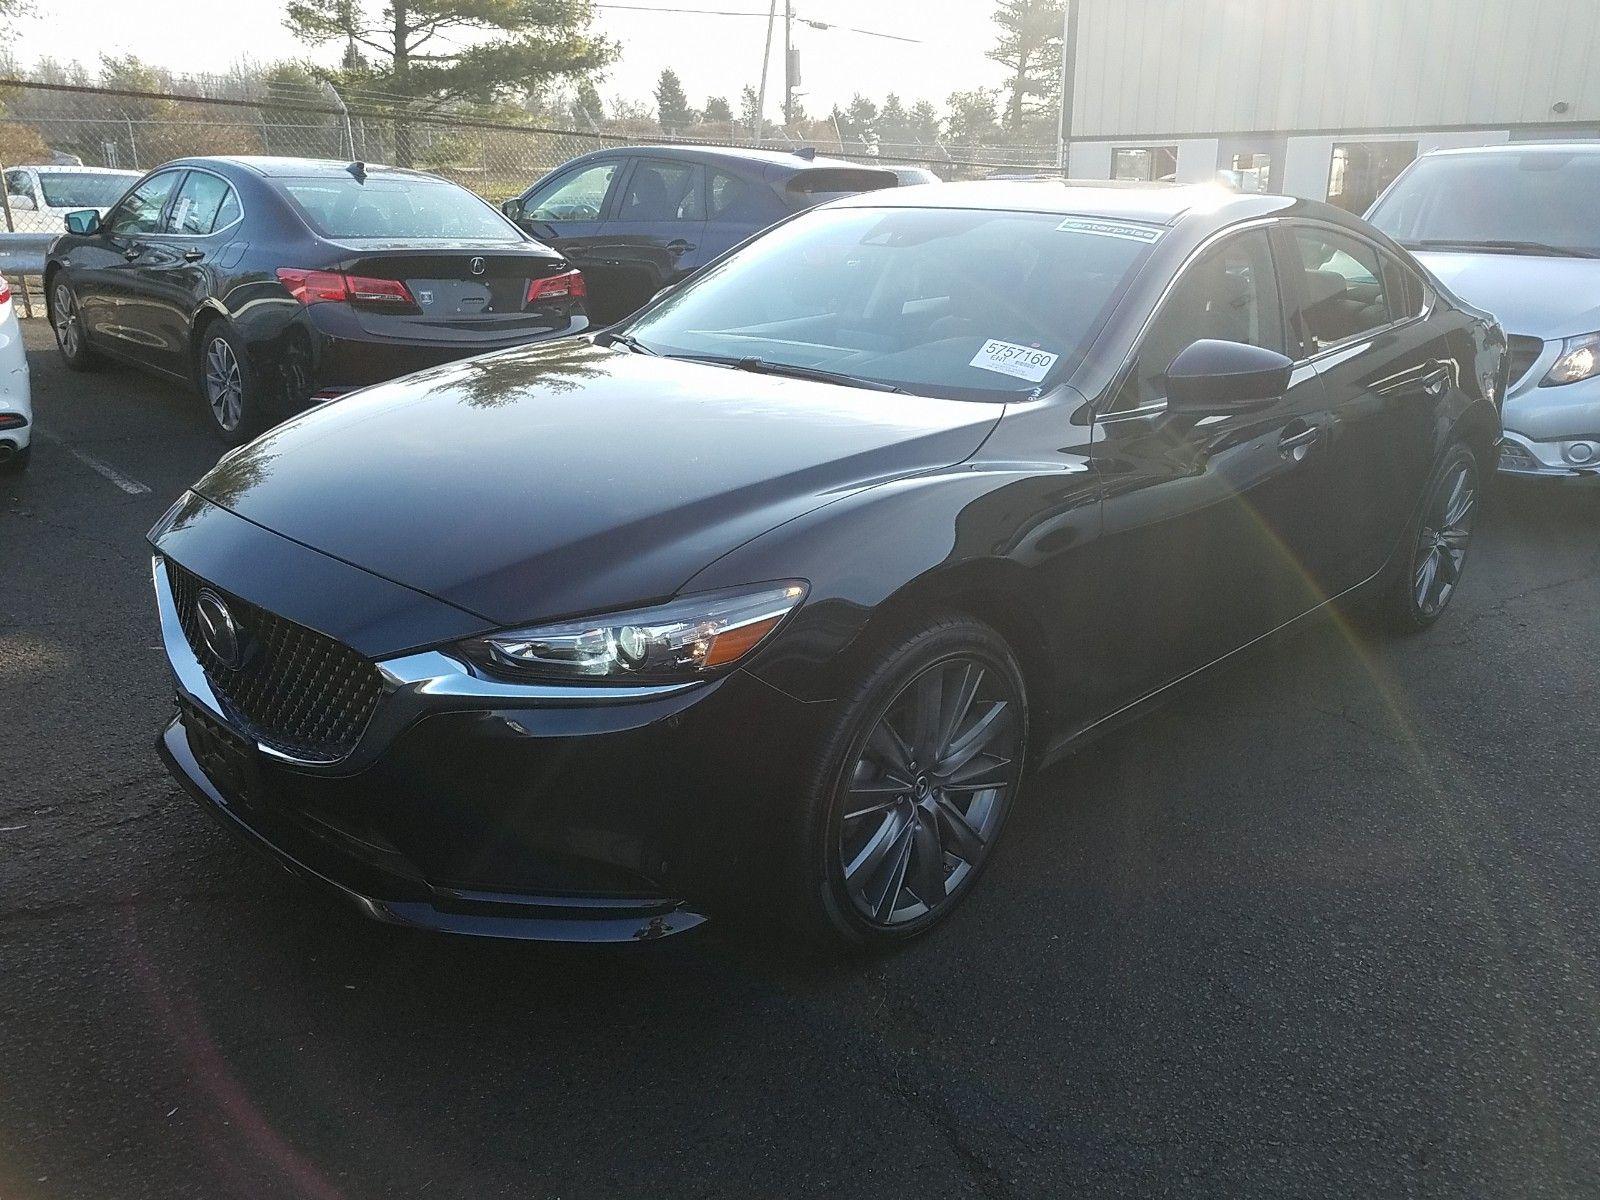 2019 Mazda6 2.5. Lot 99917357536 Vin JM1GL1VM9K1500923